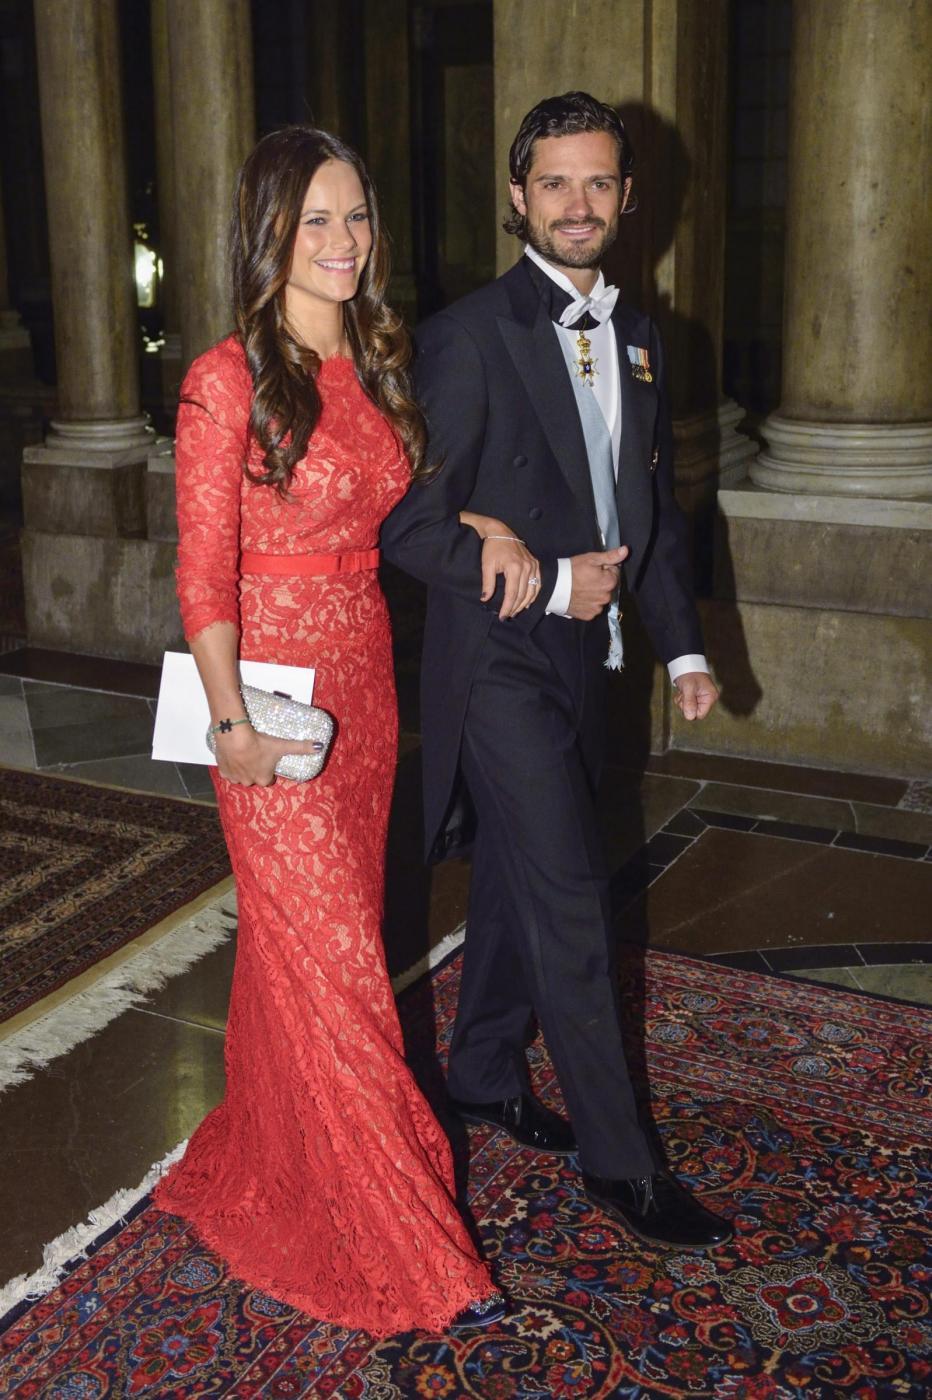 Sofia Hellqvist: chi è la donna che sposa Carlo Filippo di Svezia FOTO 4